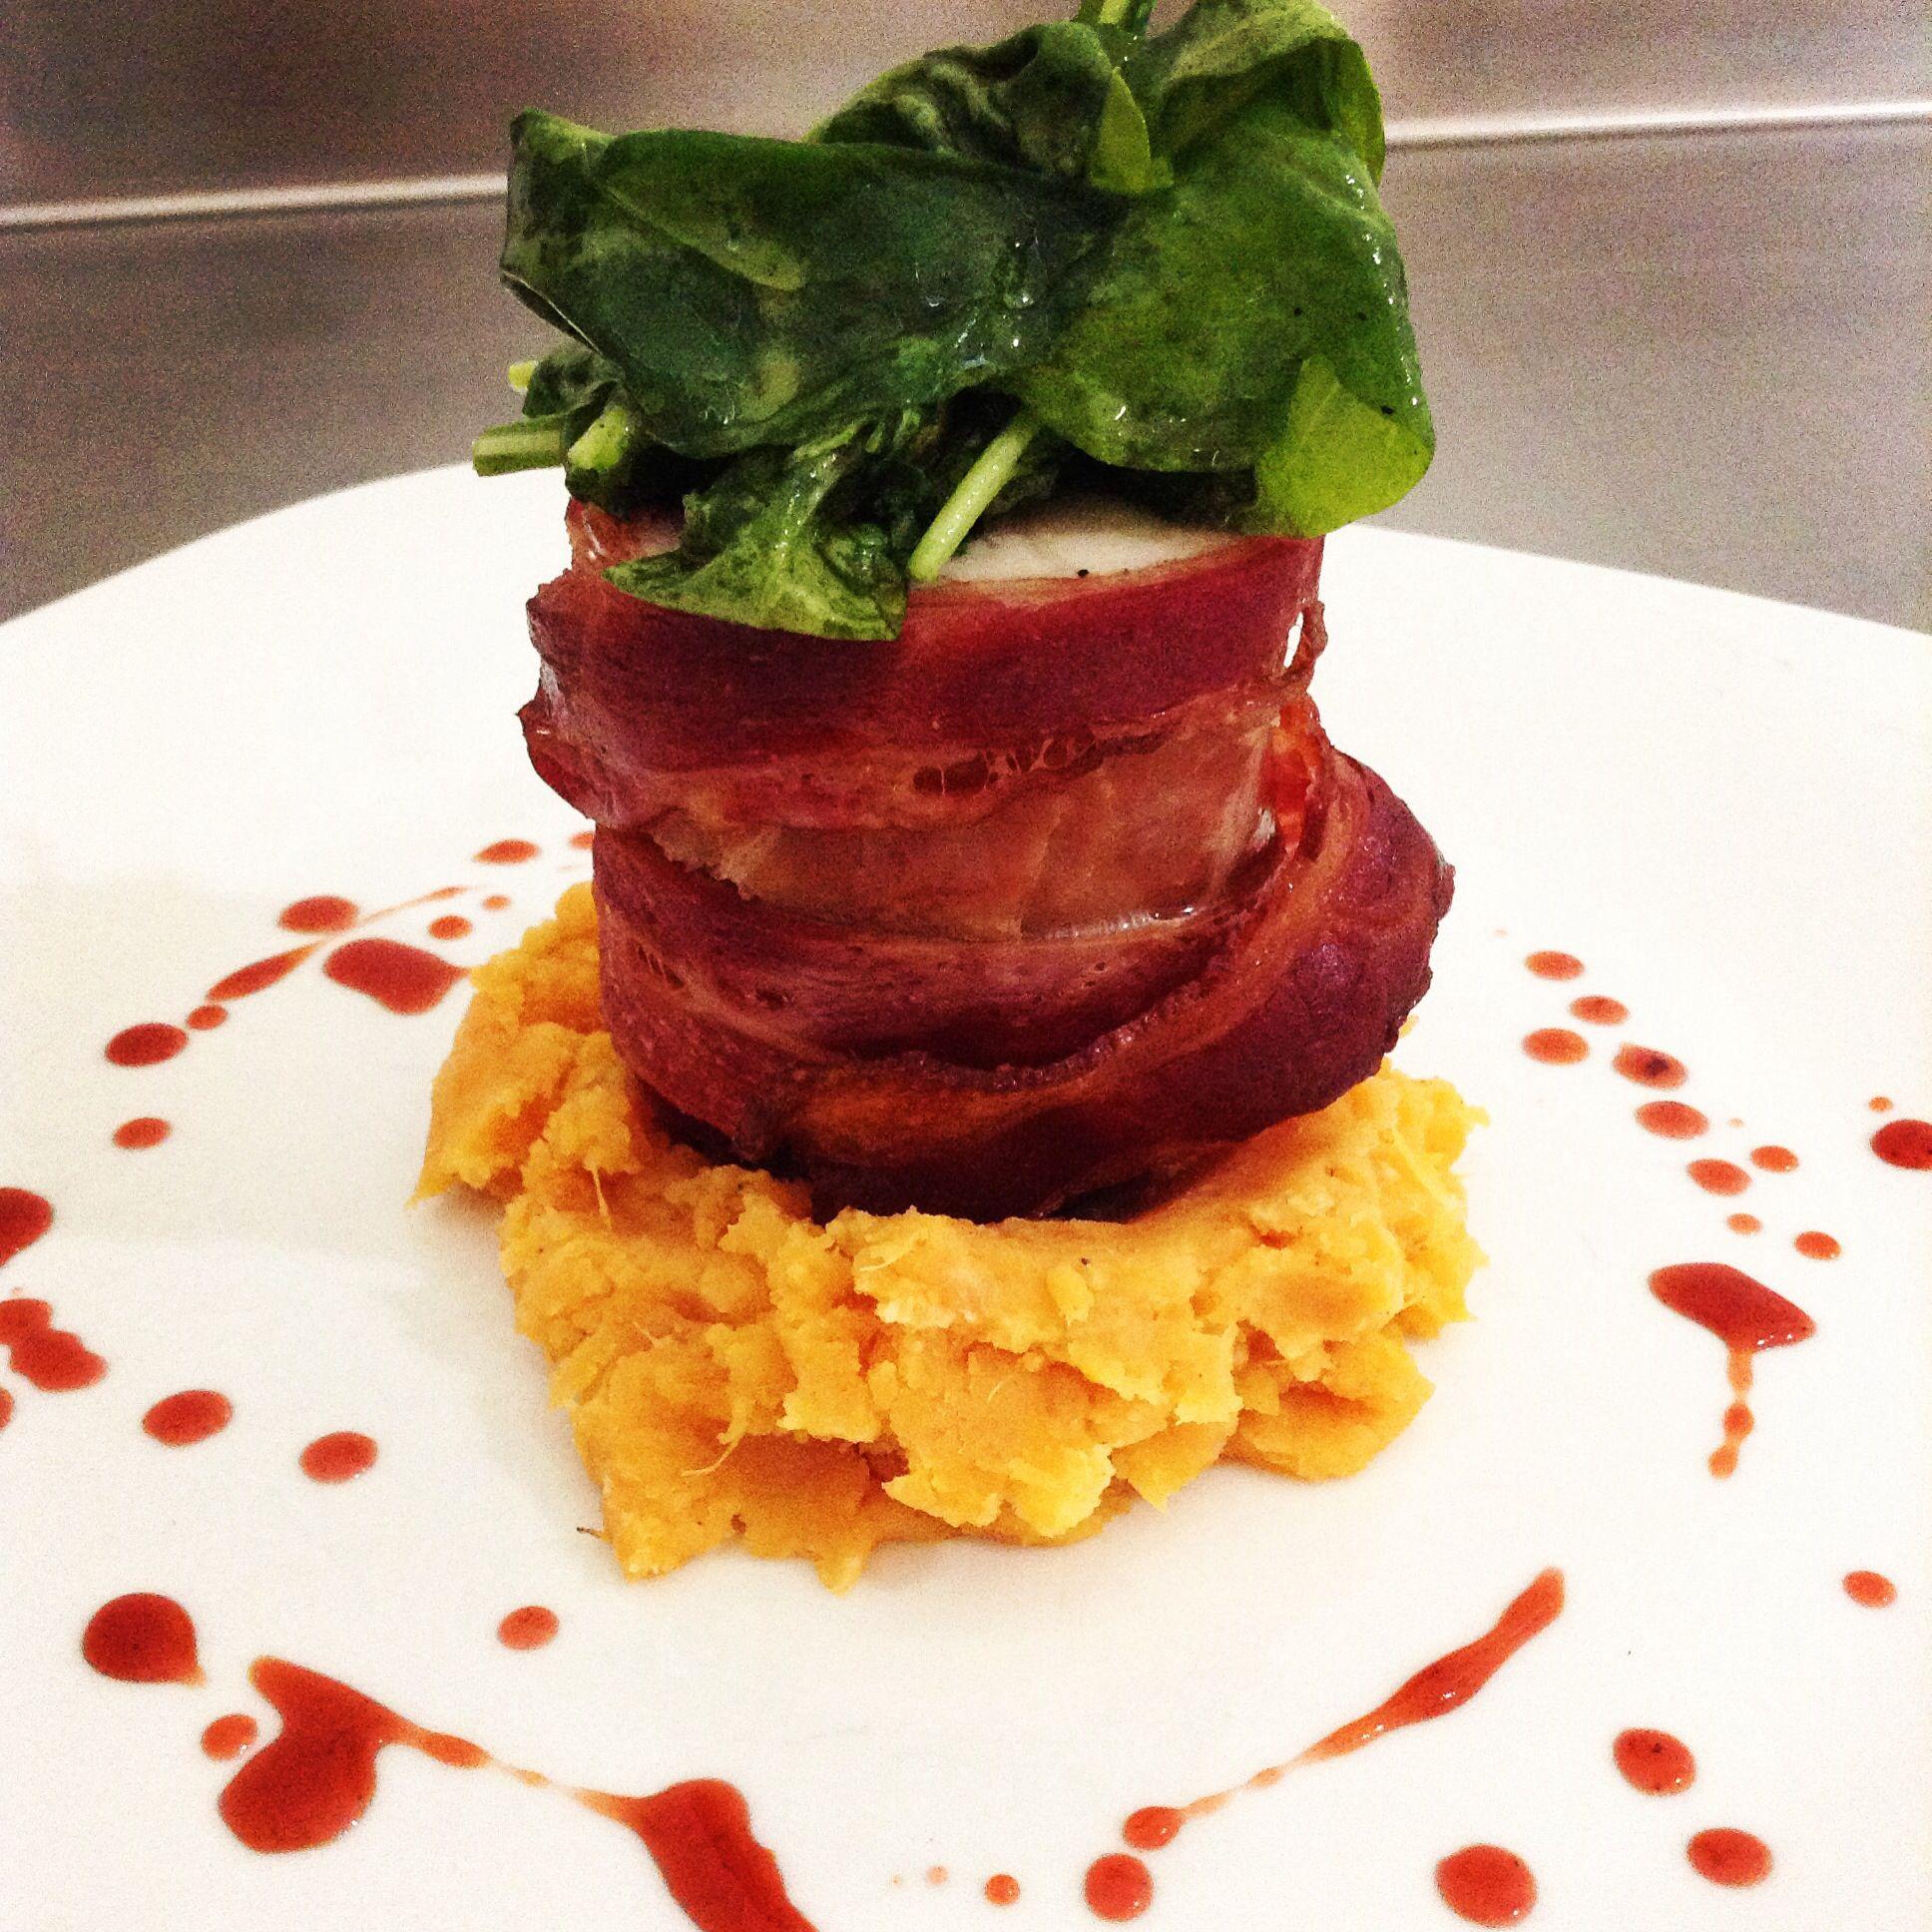 Filete De Cerdo Con Crujiente De Tocino Gastronom A Pinterest  ~ Solomillo Wellington Masterchef Receta